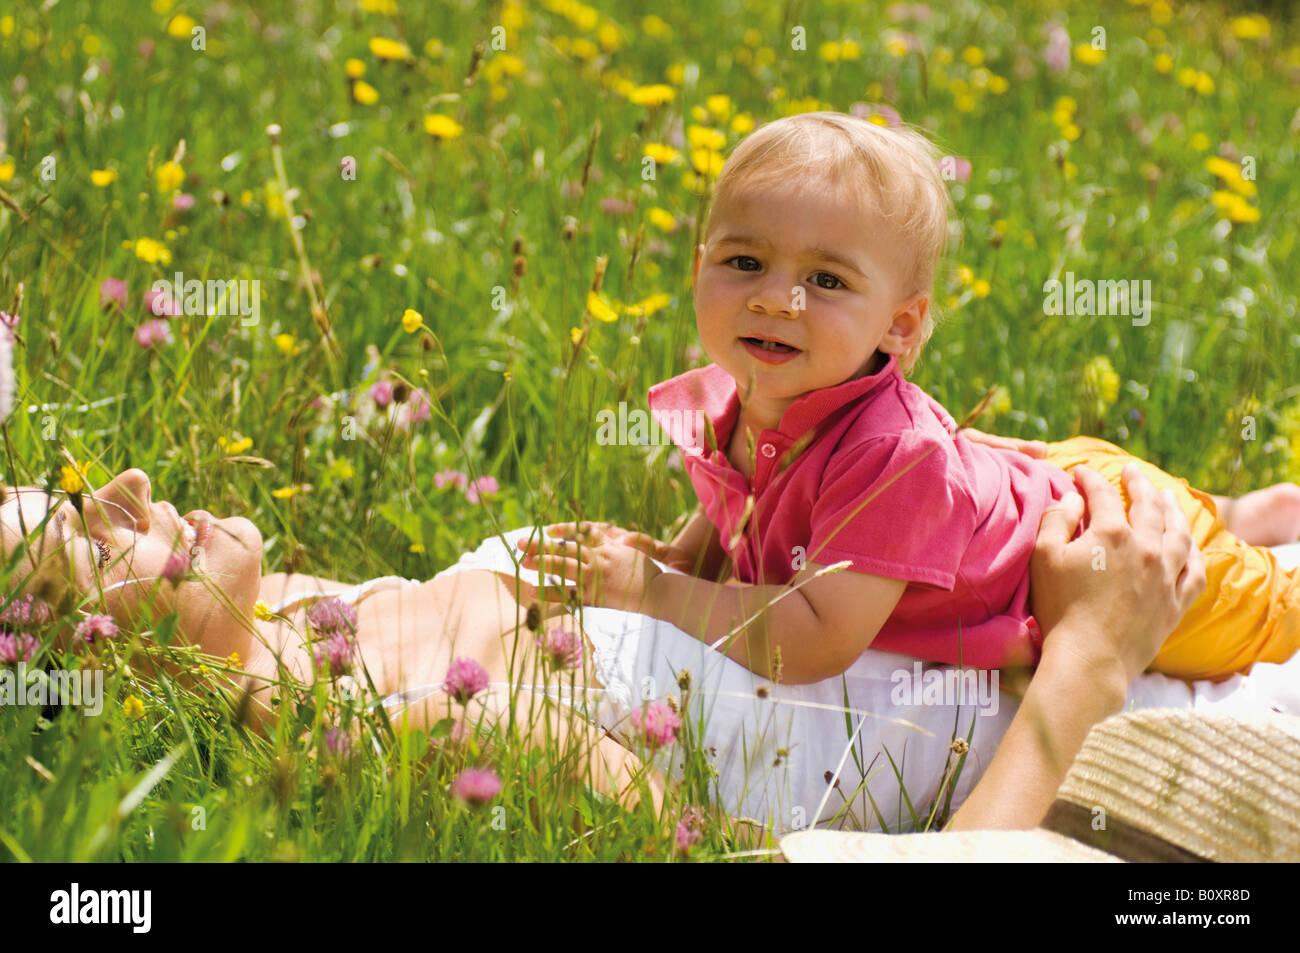 Mère avec bébé gril (2-3) dans le pré, portrait Photo Stock